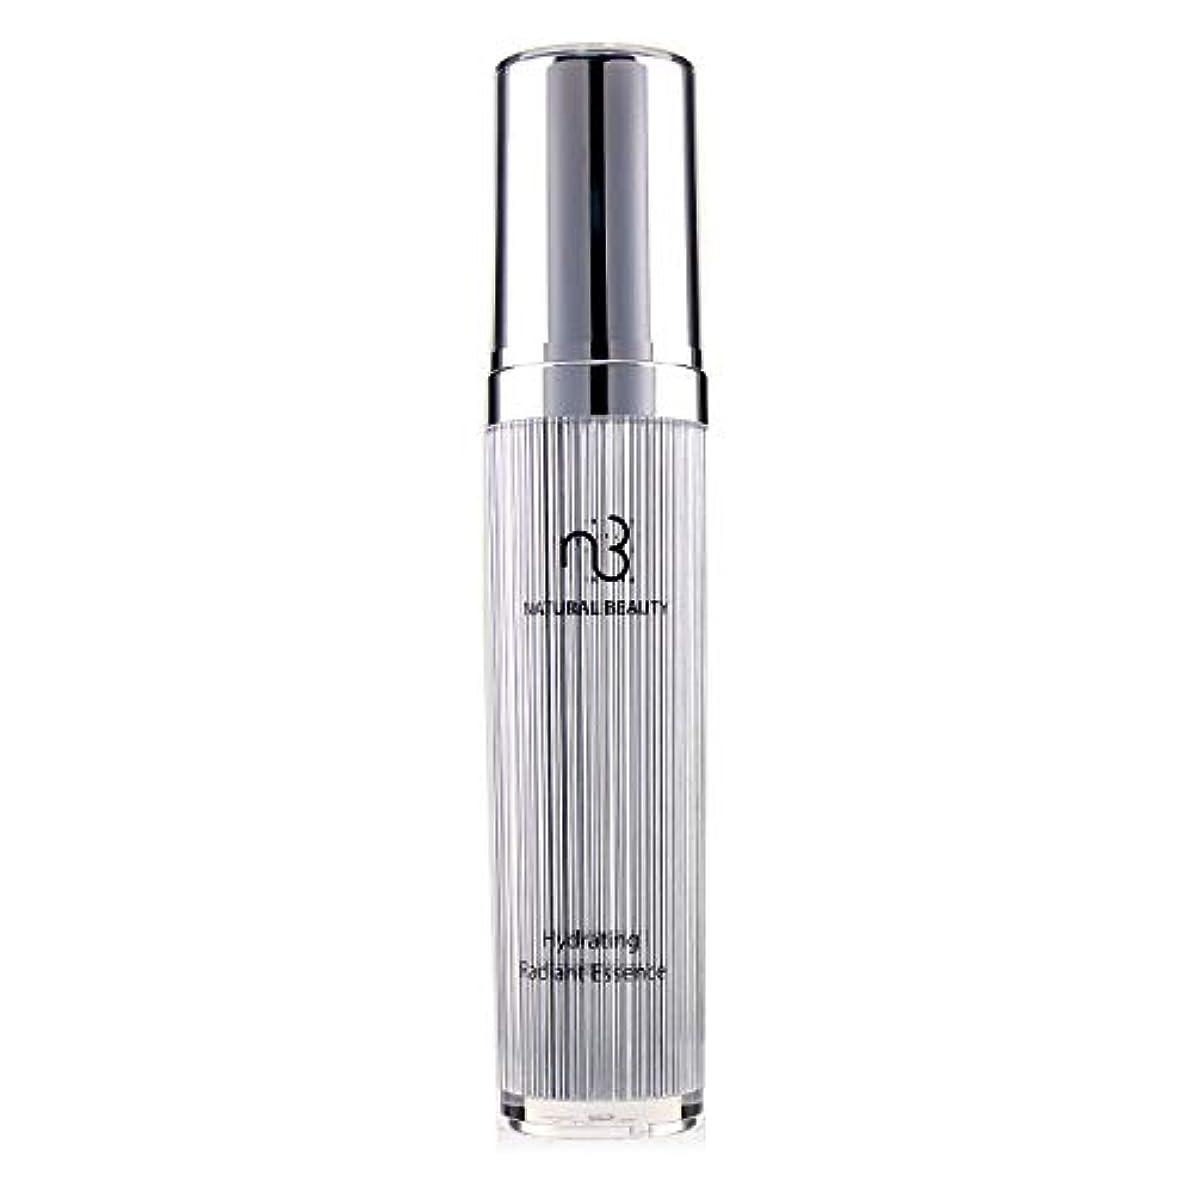 ポール赤外線アンケート自然の美 ハイドレイティングラディアントエッセンス Natural Beauty Hydrating Radiant Essence 50ml/1.7oz並行輸入品